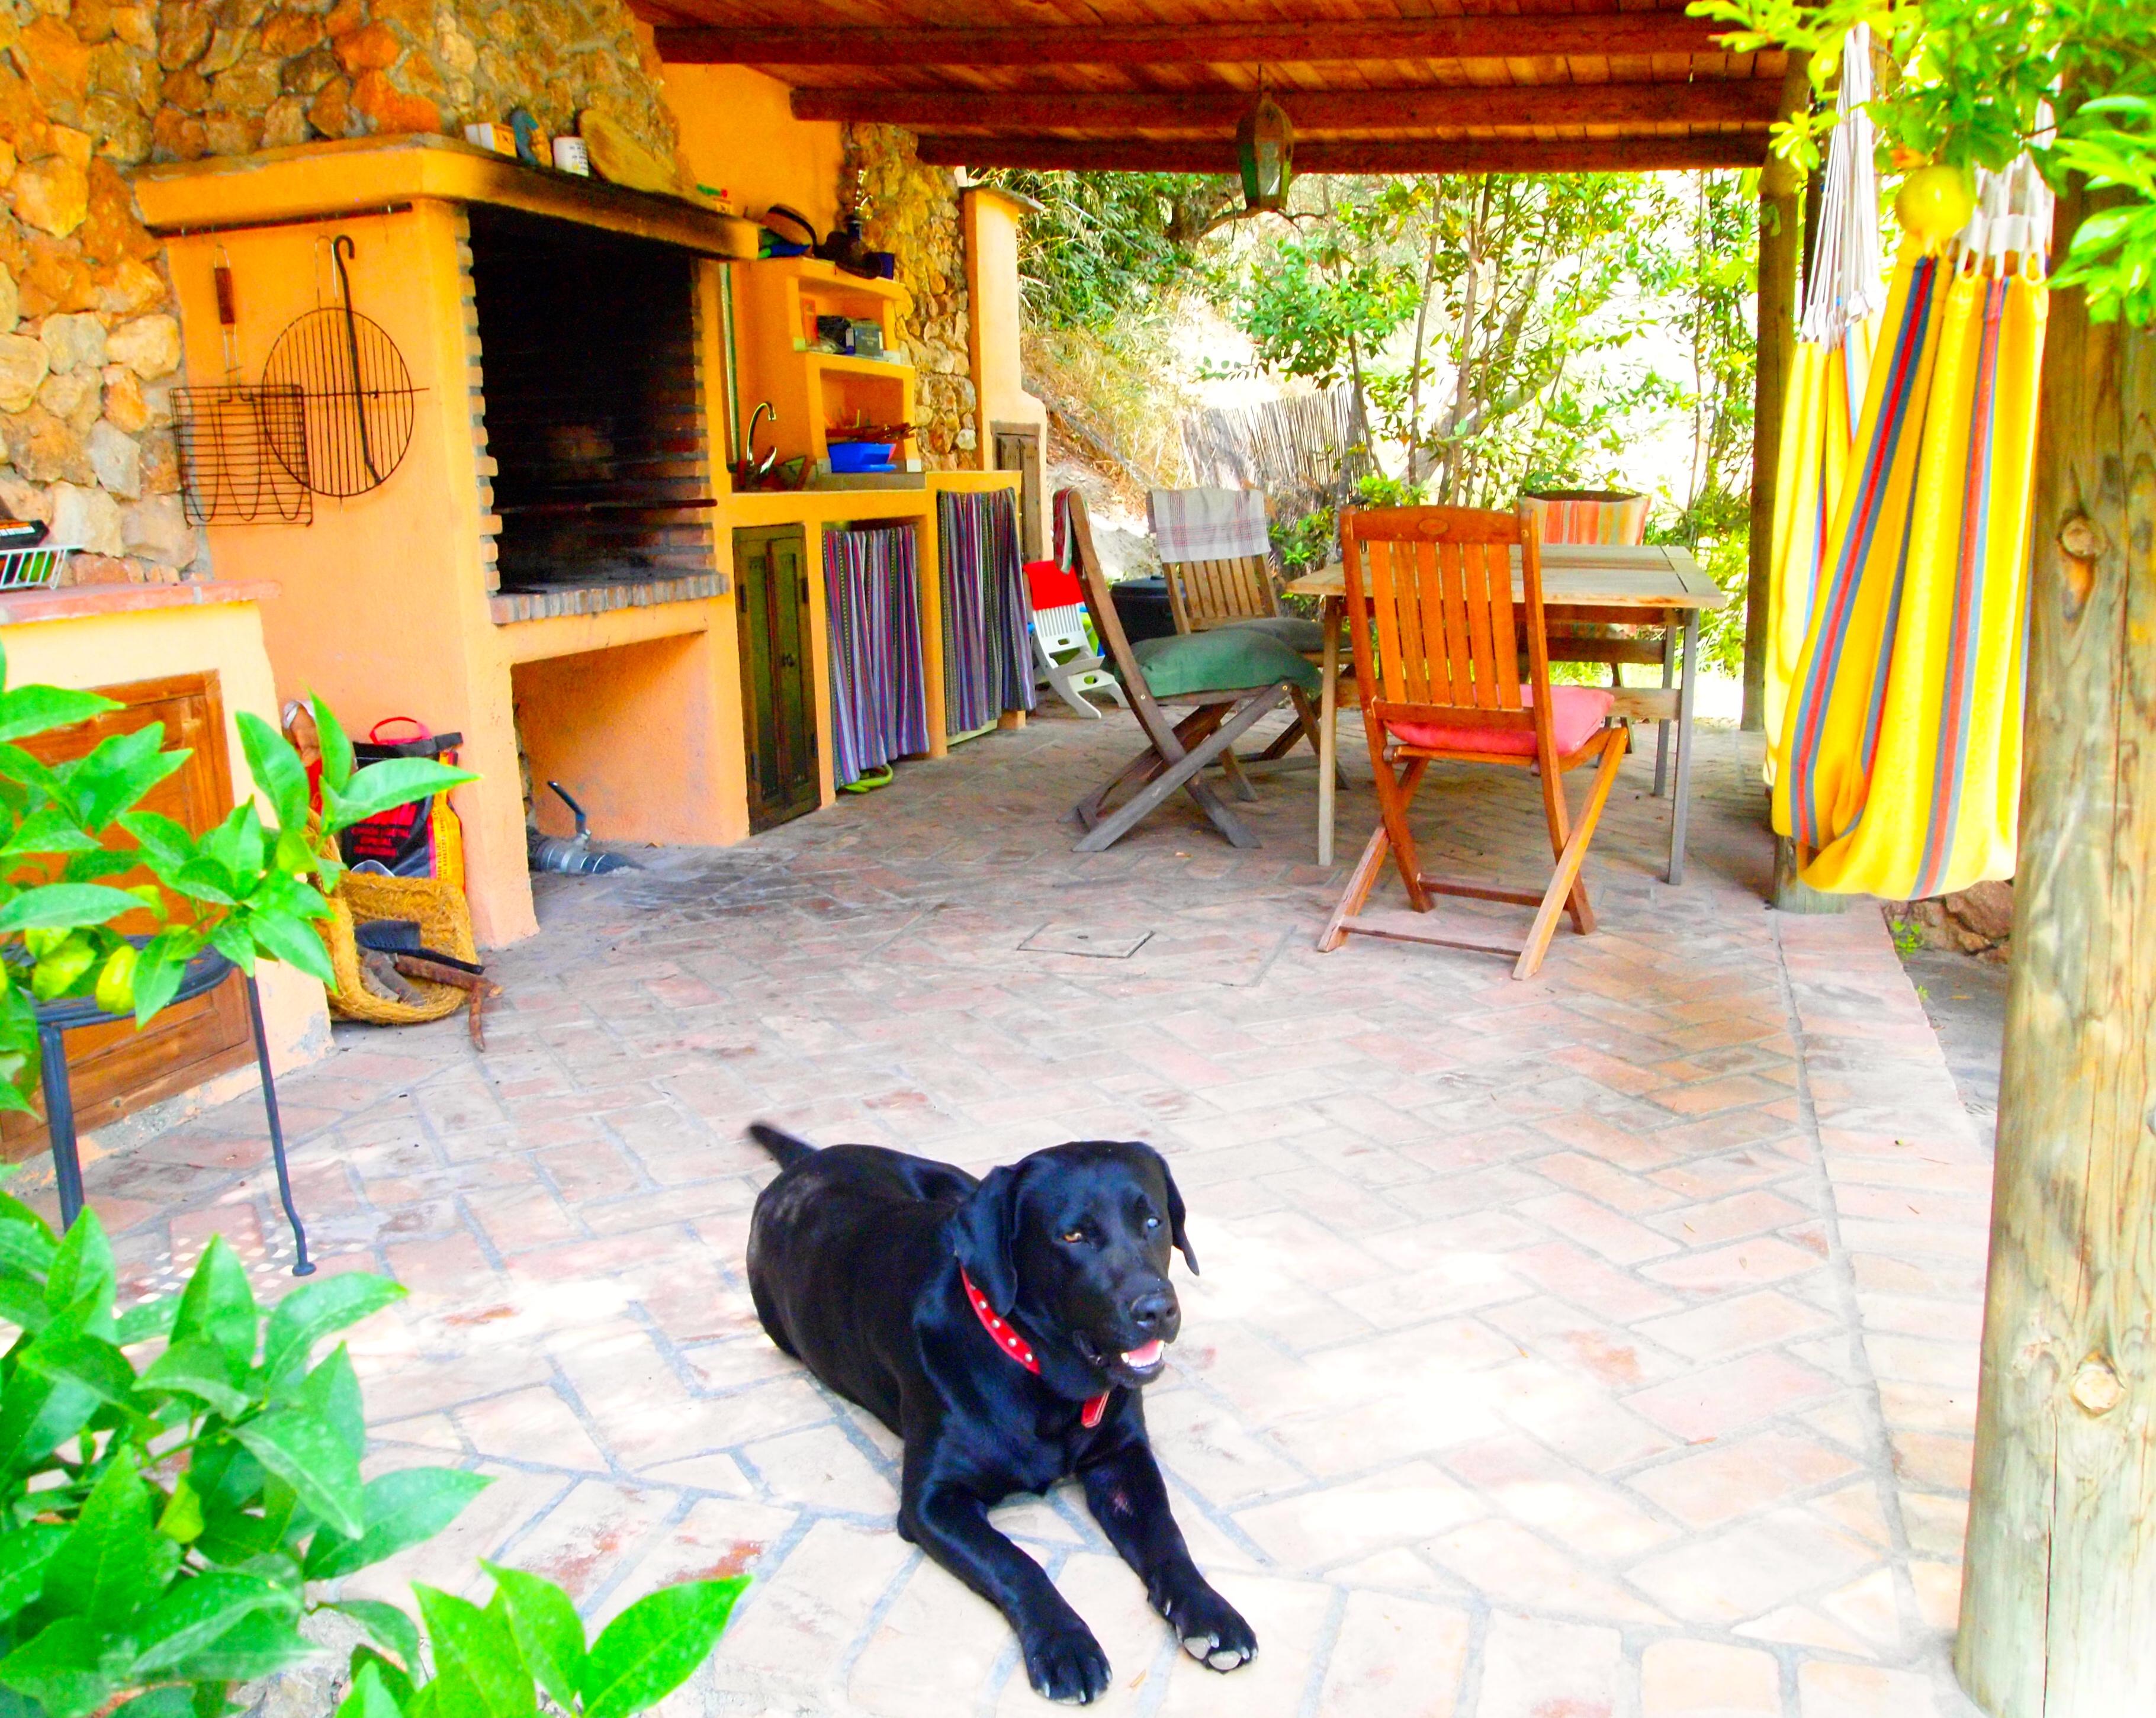 casas_rurales_perros_verano3.jpg